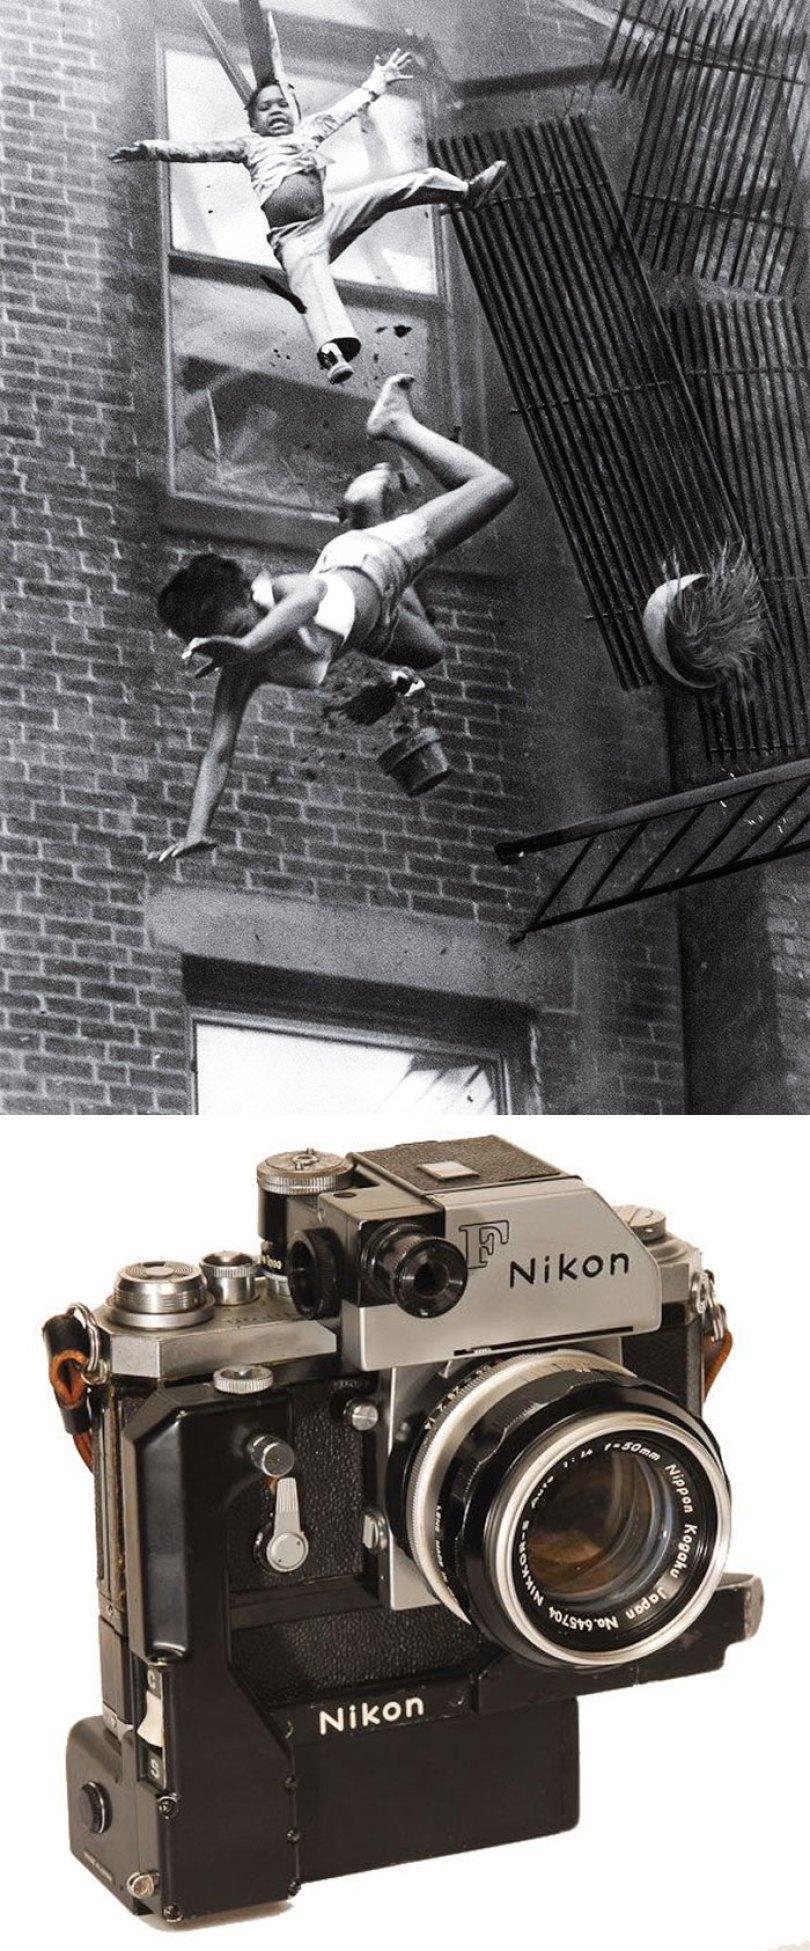 5d3171cabd5ce camera 20 5d30275123e61  700 - 20 câmeras que foram usadas para capturar essas fotos icônicas